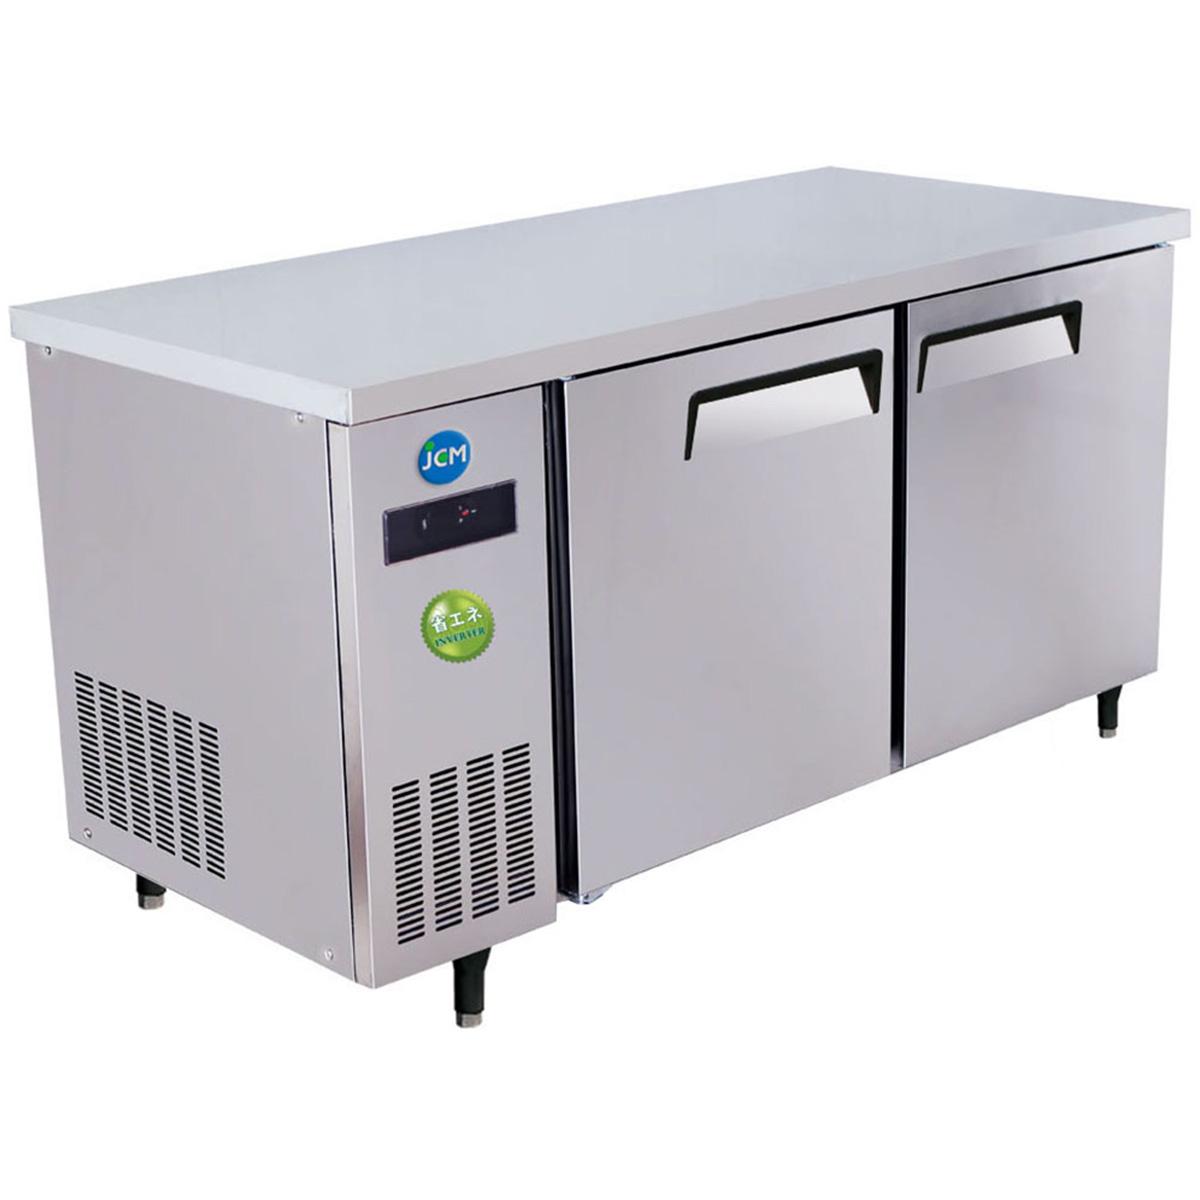 JCM ヨコ型 冷蔵庫 JCMR-1275T-I 業務用 冷蔵 コールドテーブル 台下 省エネ 【代引不可】